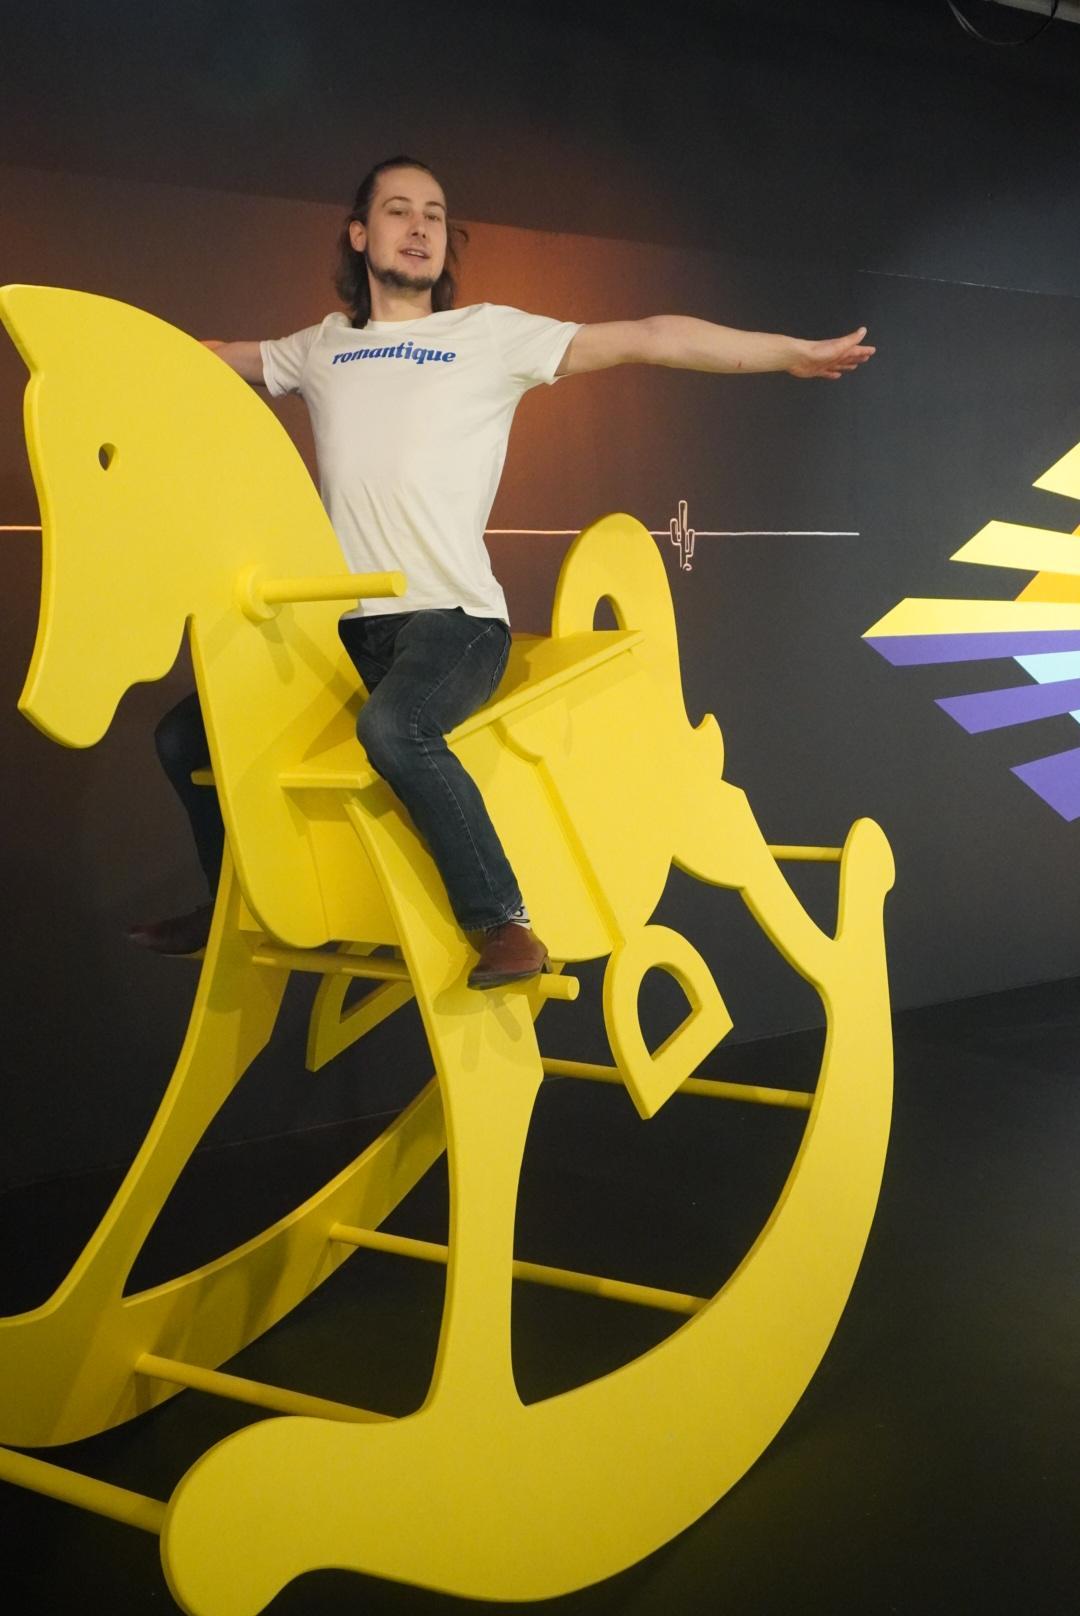 Im Museum of Popcorn in Hamburg Hafencity steht dieses gelbe übergroße Schaukelpferd. Auf dem Foto sieht man einen jungen Mann in weißen T-Shirt und Jeans auf dem Schaukelpferd freihändig balancieren. Der Hintergrund ist größtenteils schwarz.